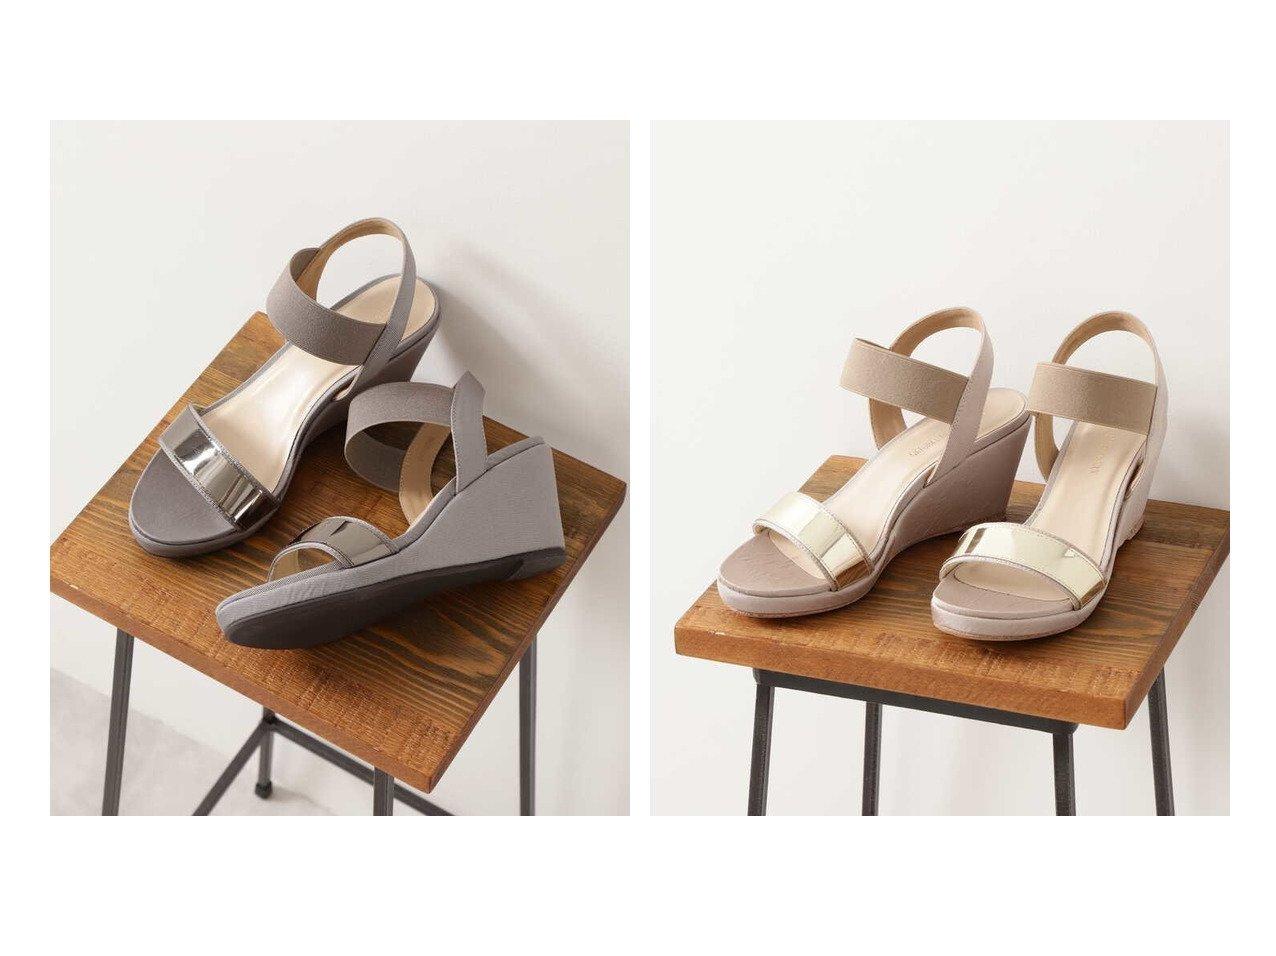 【NATURAL BEAUTY BASIC/ナチュラル ビューティー ベーシック】のフットベッドウェッジサンダル 【シューズ・靴】おすすめ!人気、トレンド・レディースファッションの通販 おすすめで人気の流行・トレンド、ファッションの通販商品 インテリア・家具・メンズファッション・キッズファッション・レディースファッション・服の通販 founy(ファニー) https://founy.com/ ファッション Fashion レディースファッション WOMEN インソール サンダル |ID:crp329100000045176